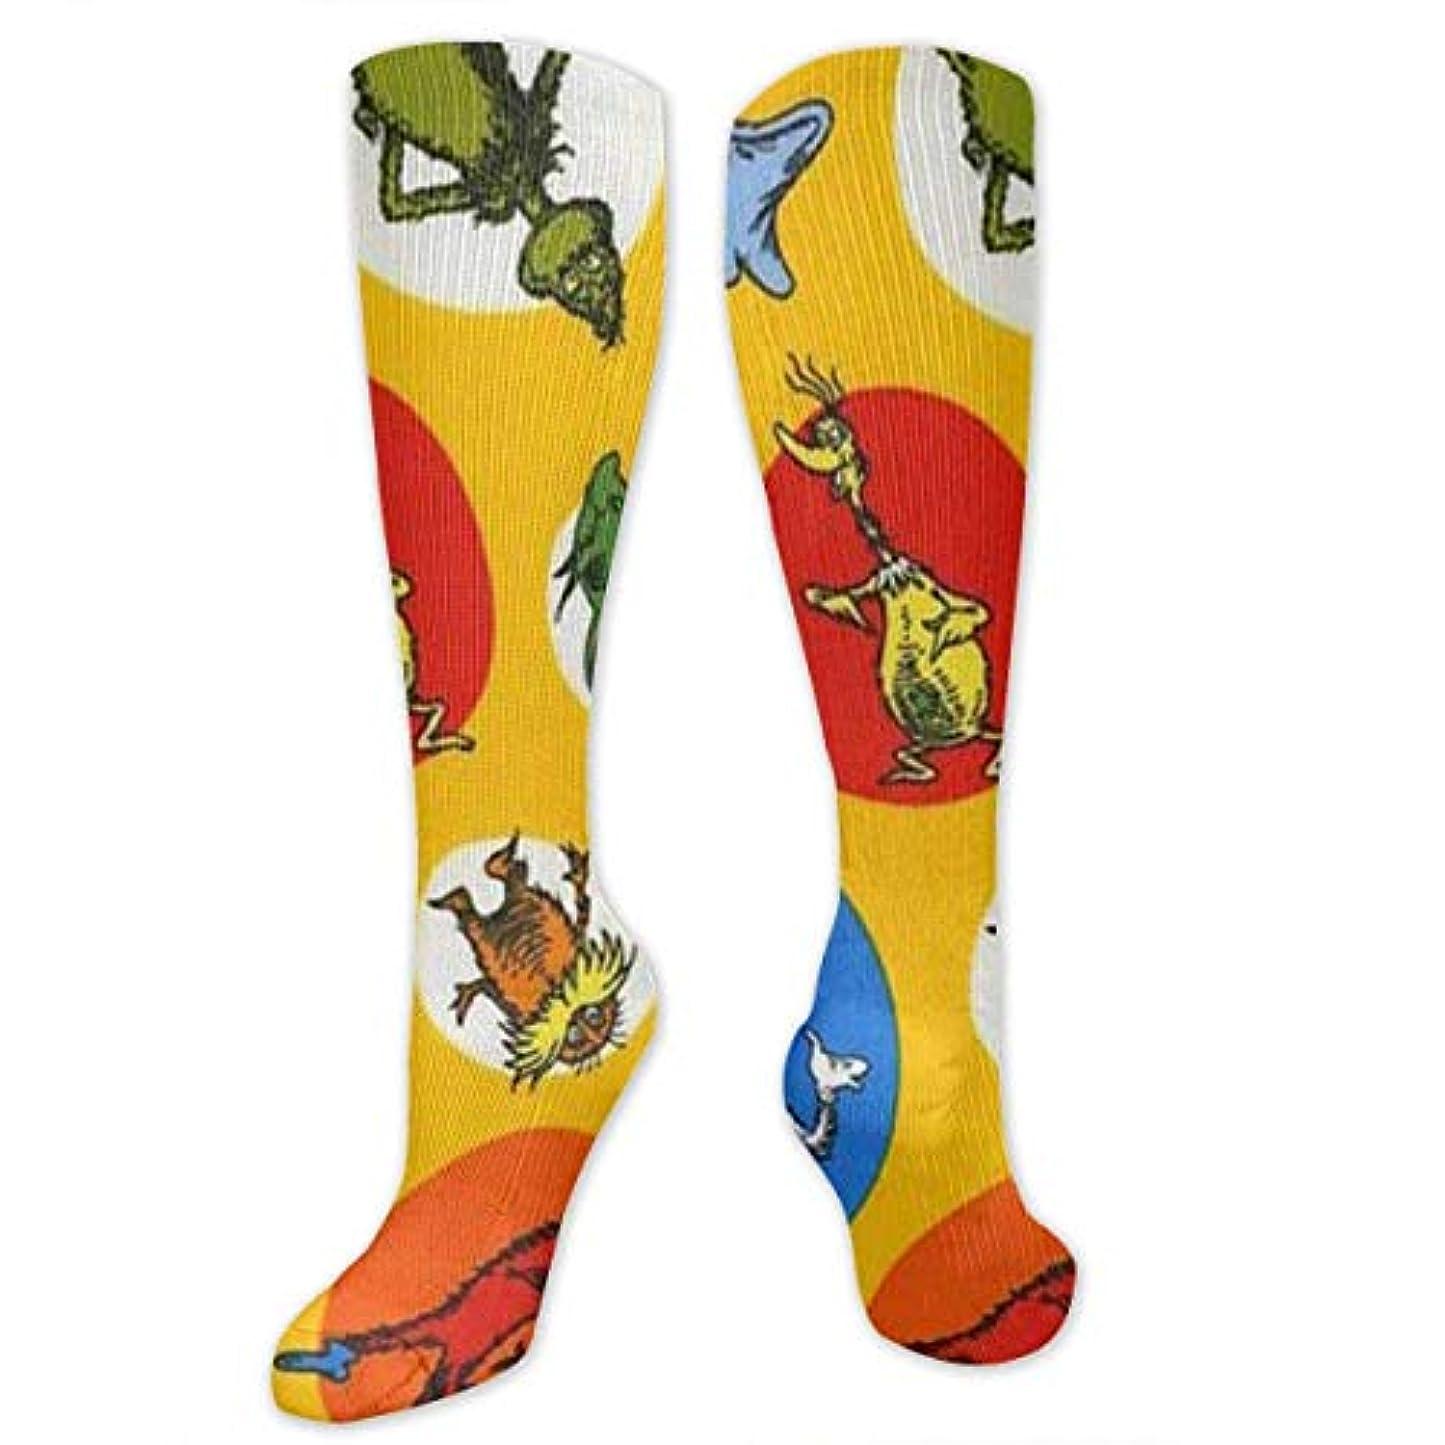 修道院どのくらいの頻度で種類靴下,ストッキング,野生のジョーカー,実際,秋の本質,冬必須,サマーウェア&RBXAA Celebrate Seuss Yellow Socks Women's Winter Cotton Long Tube Socks...